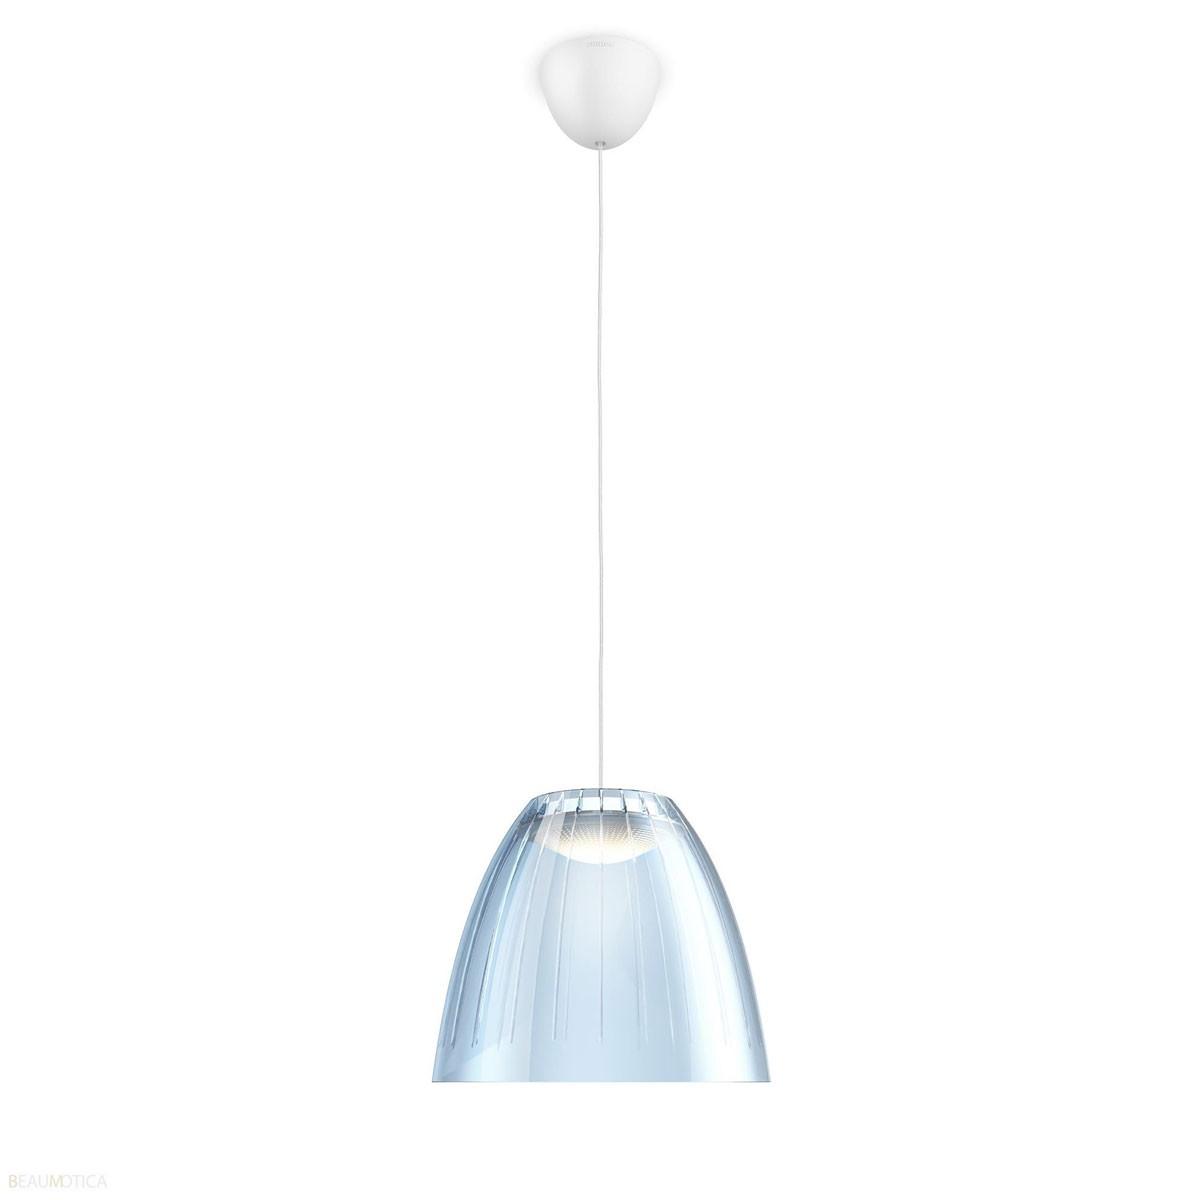 Philips myLiving Tenuto Hanglamp Blauw